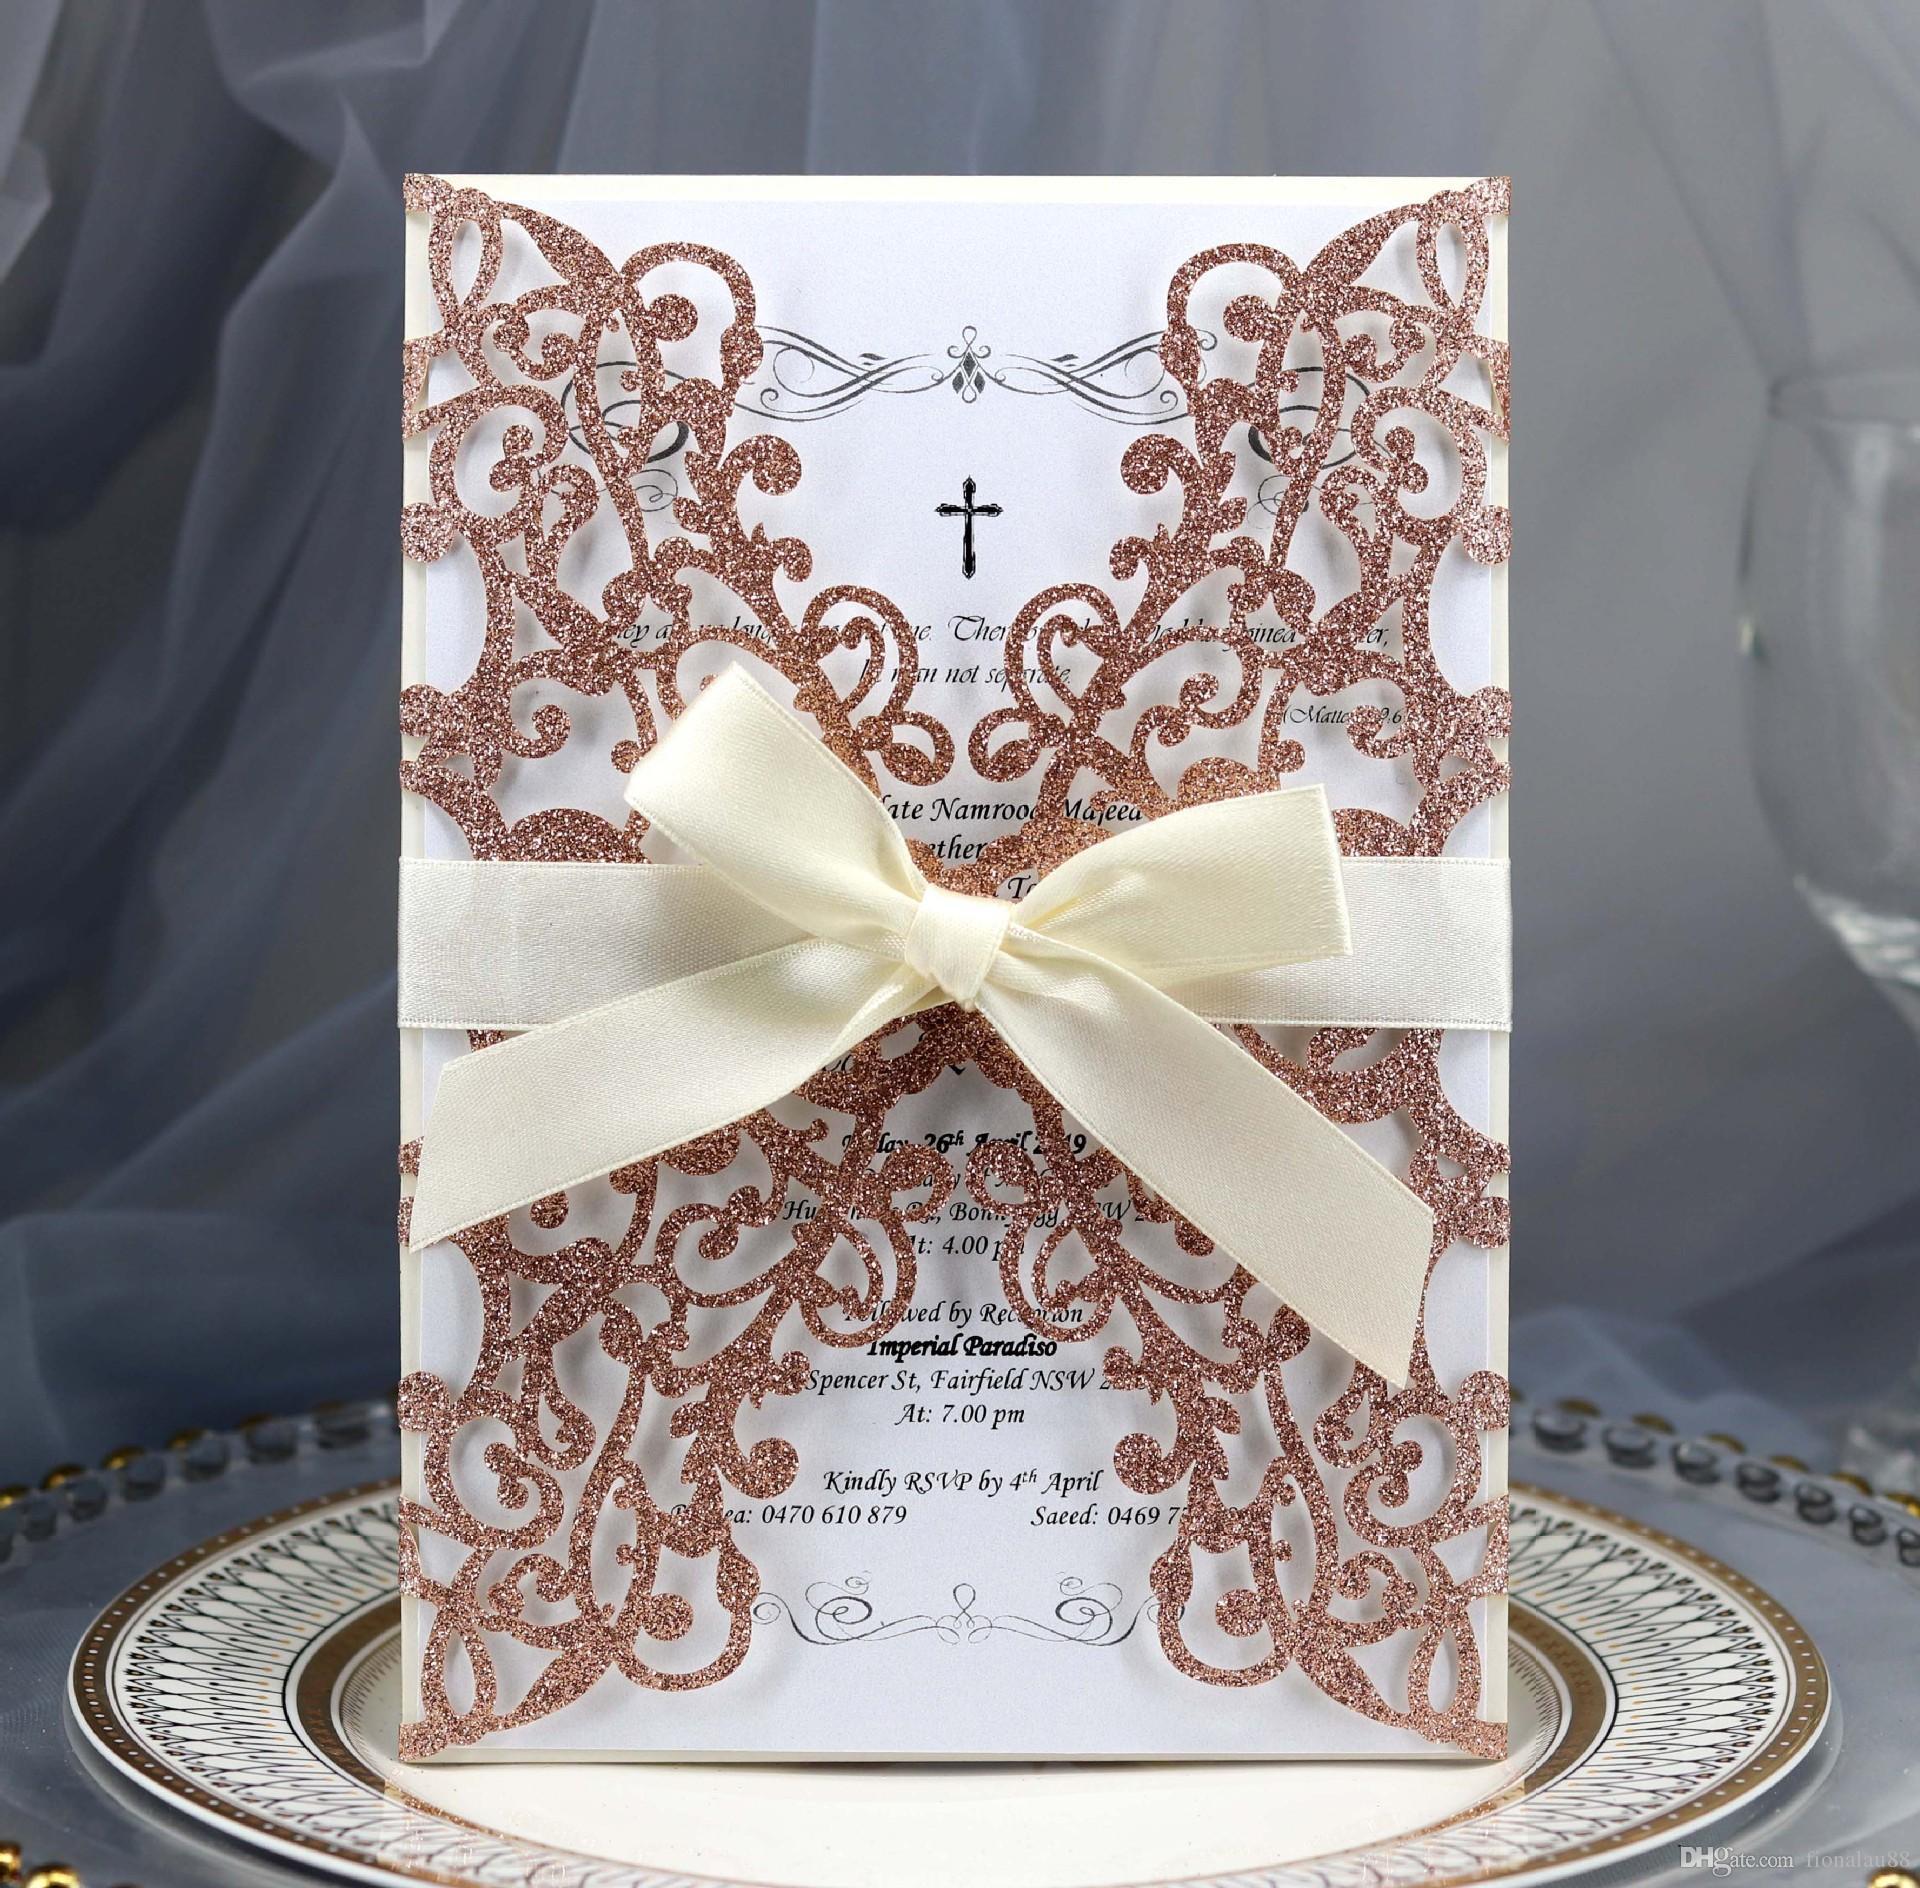 리본 결혼식 호의 공급 레드 퍼플 골드 샴페인 실버 결혼식 초대 카드 레이저 컷 꽃 개인 성인식에 초대